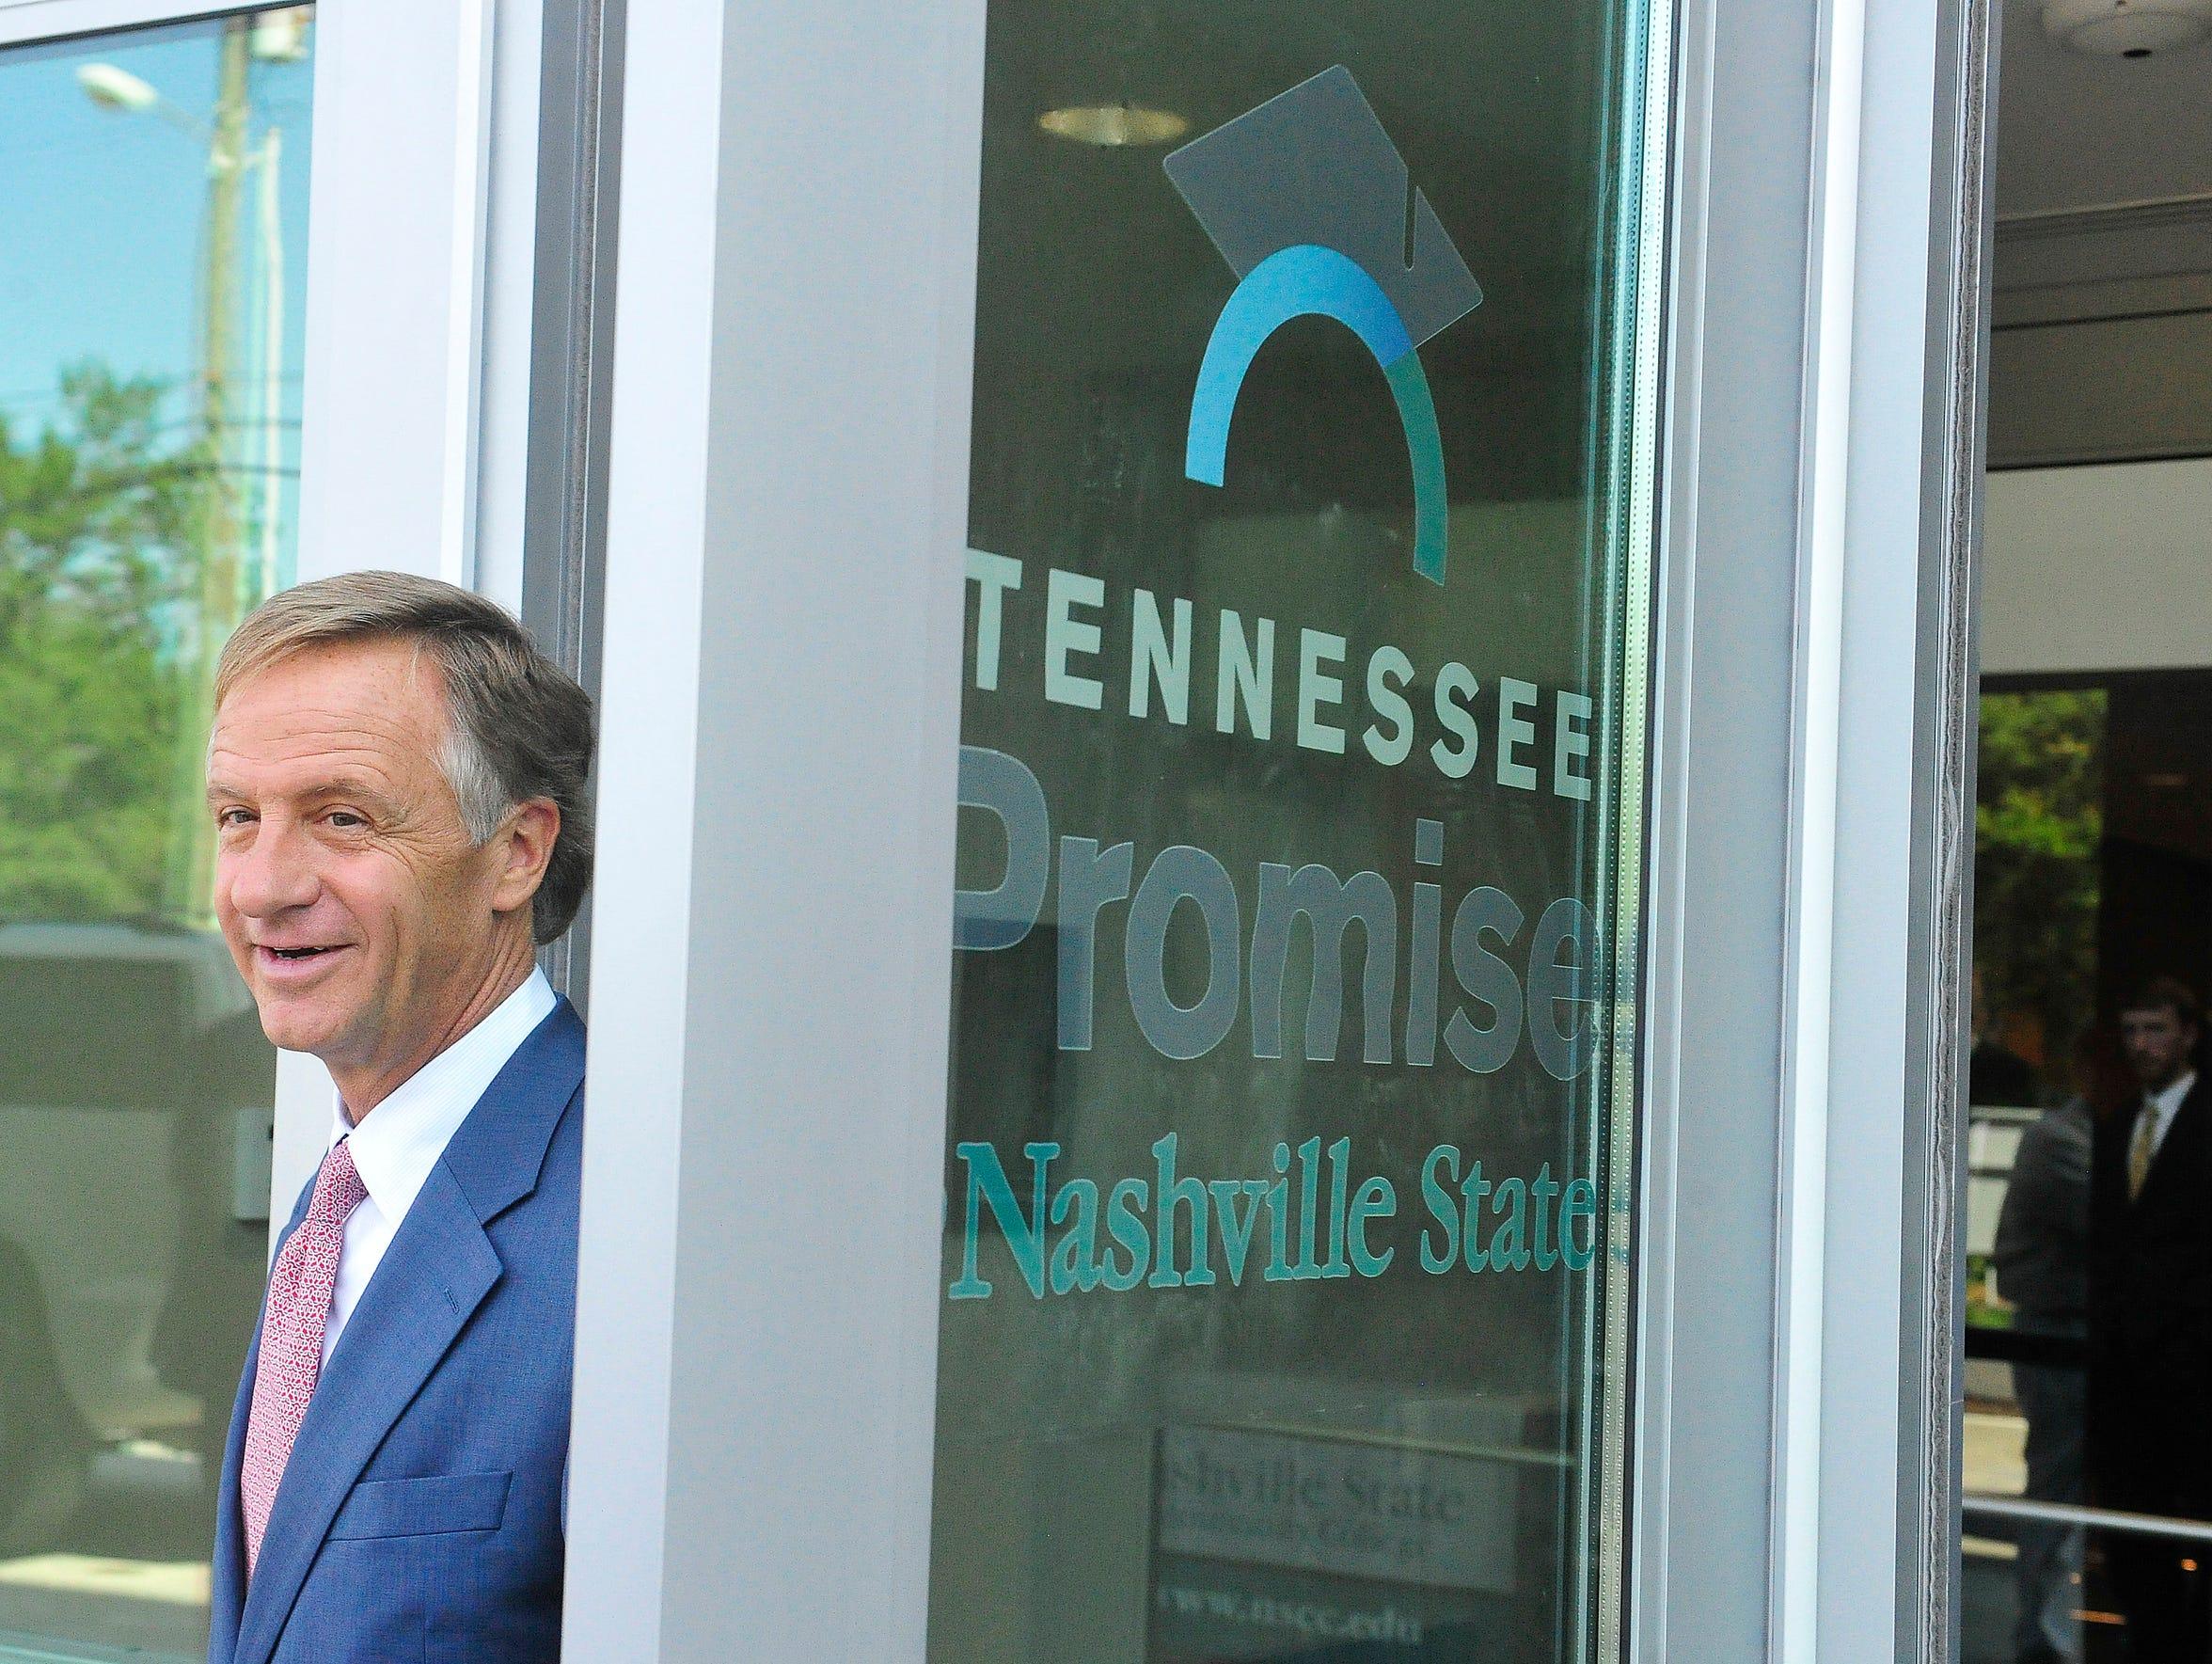 Gov. Bill Haslam visits Nashville State.